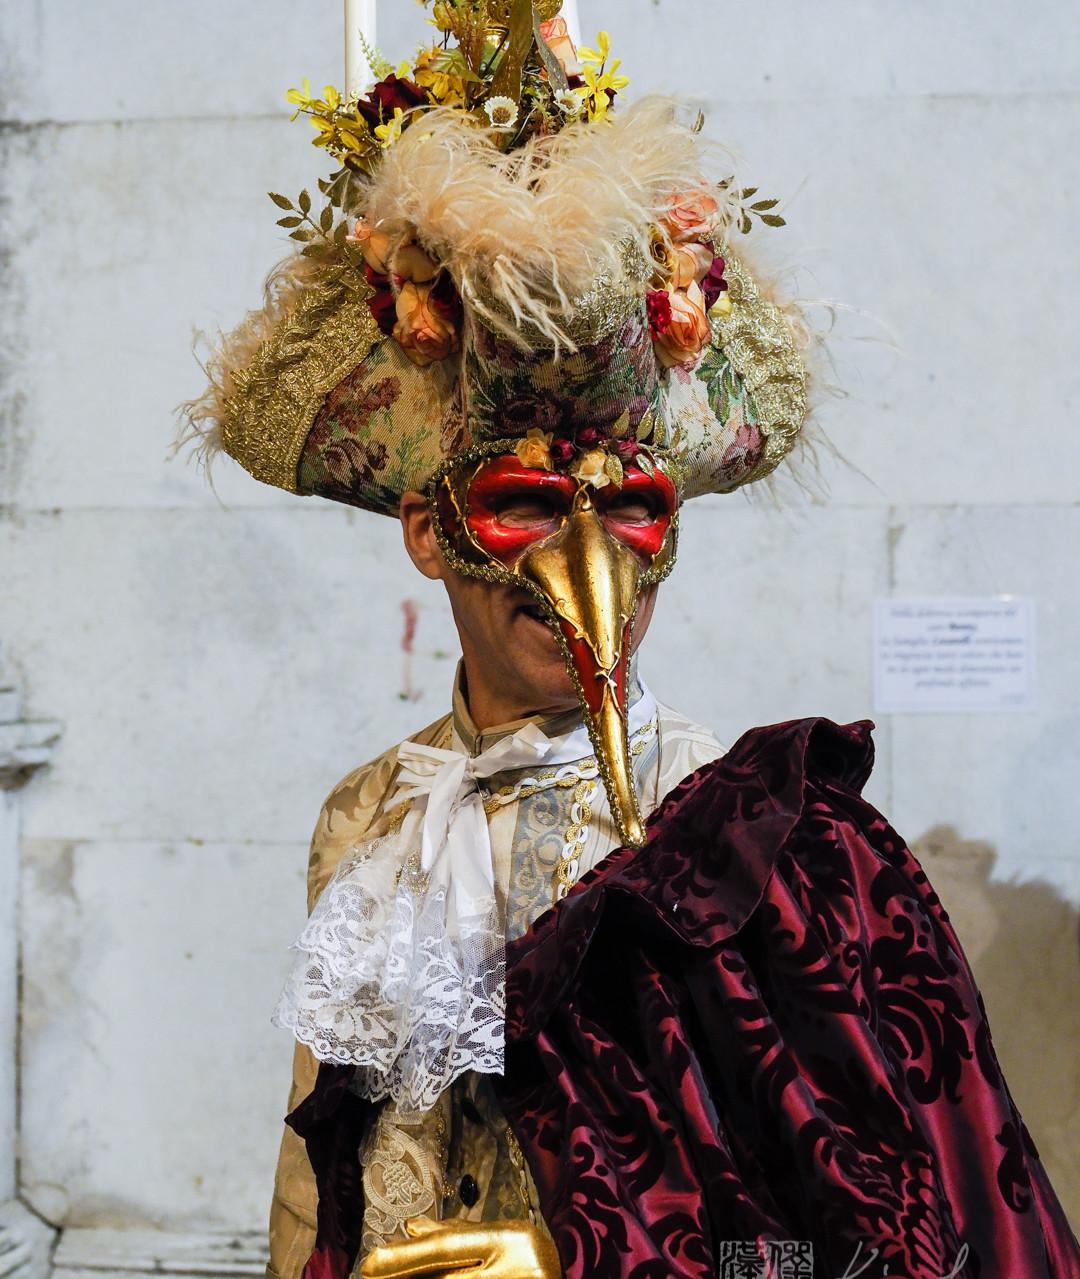 VeniceMasquerade-22